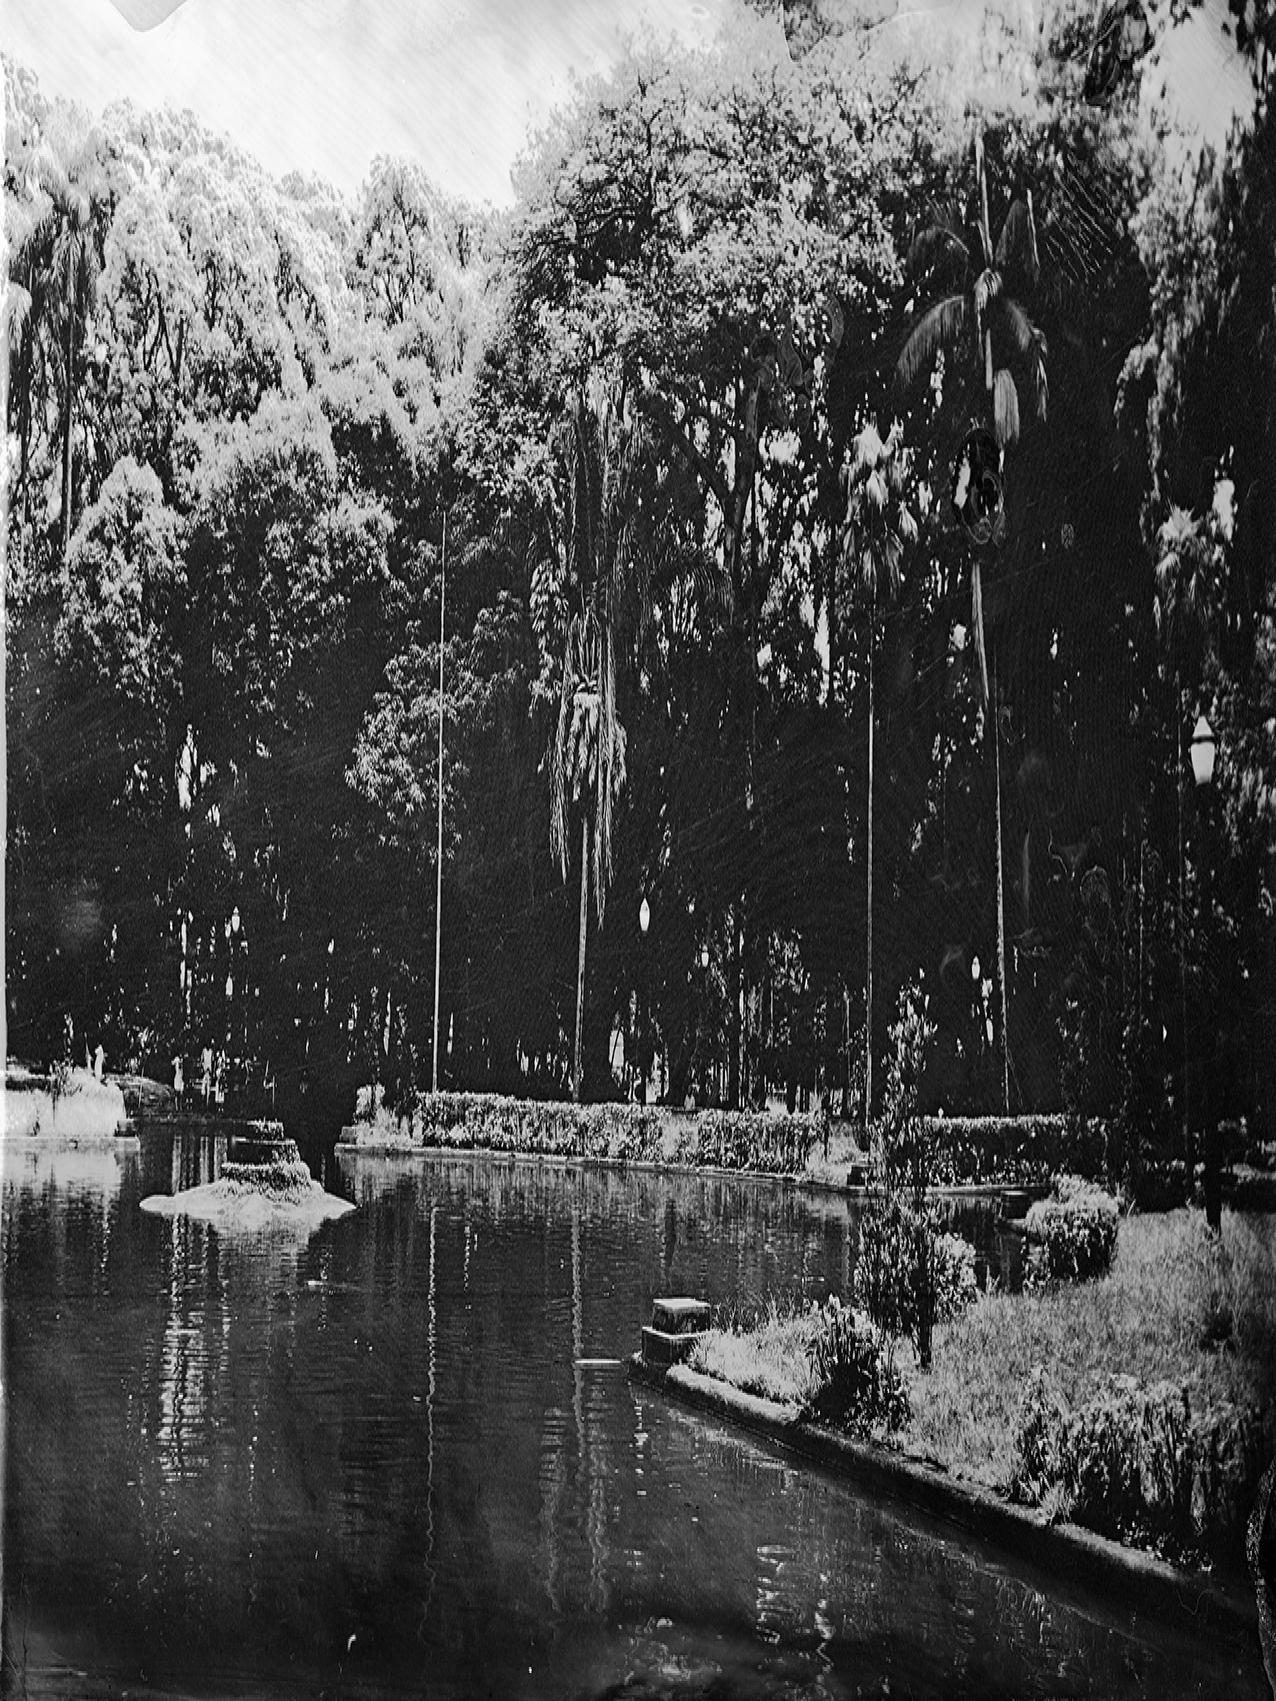 Fotografia em preto e branco do Jardim da Luz